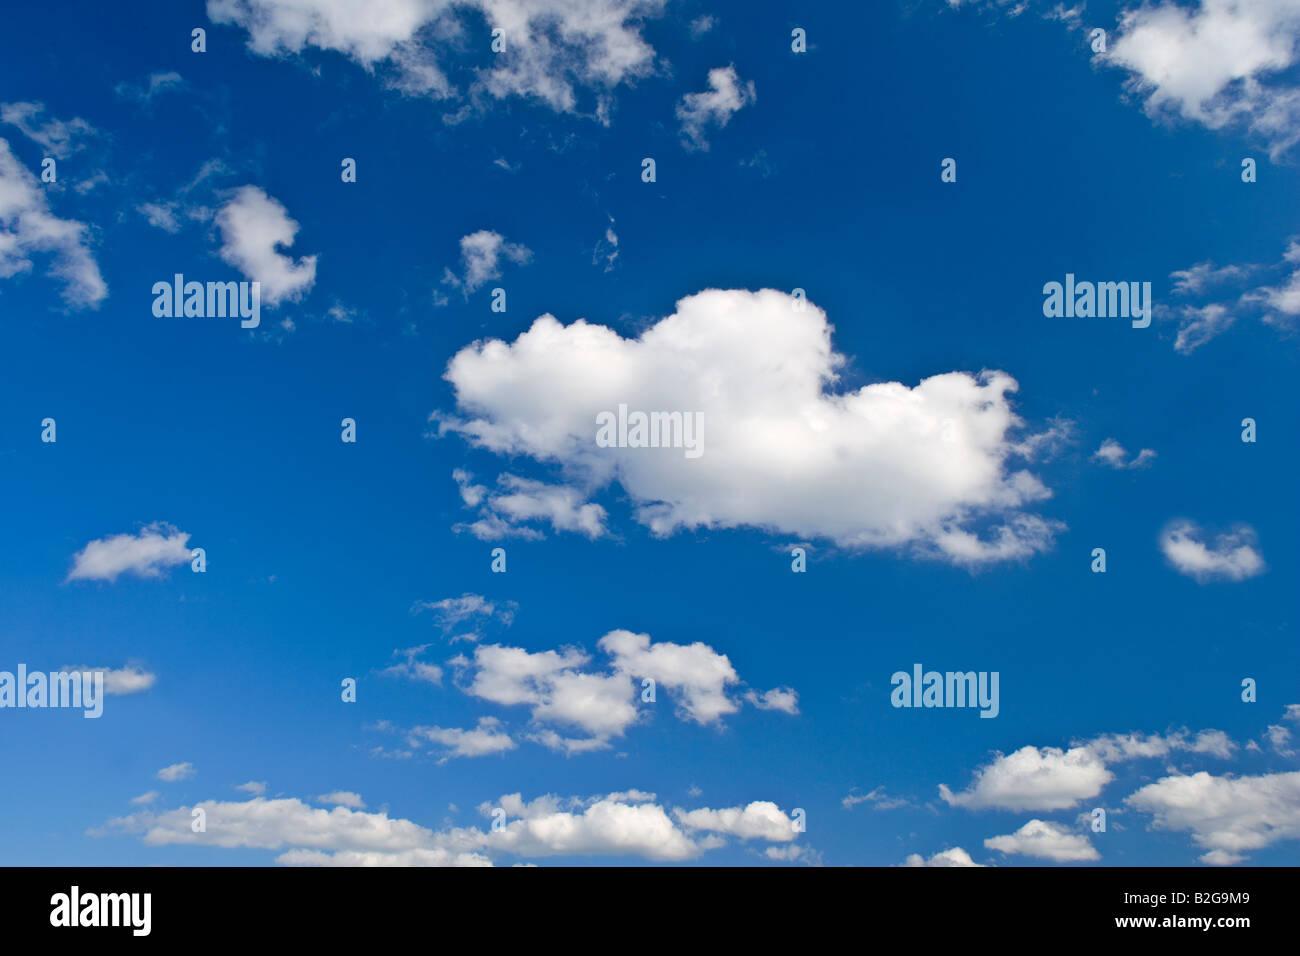 Wolken und Himmel blauer Himmel mit kleinen weissen Wolken Deutschland clouds and sky blue sky and small white clouds - Stock Image